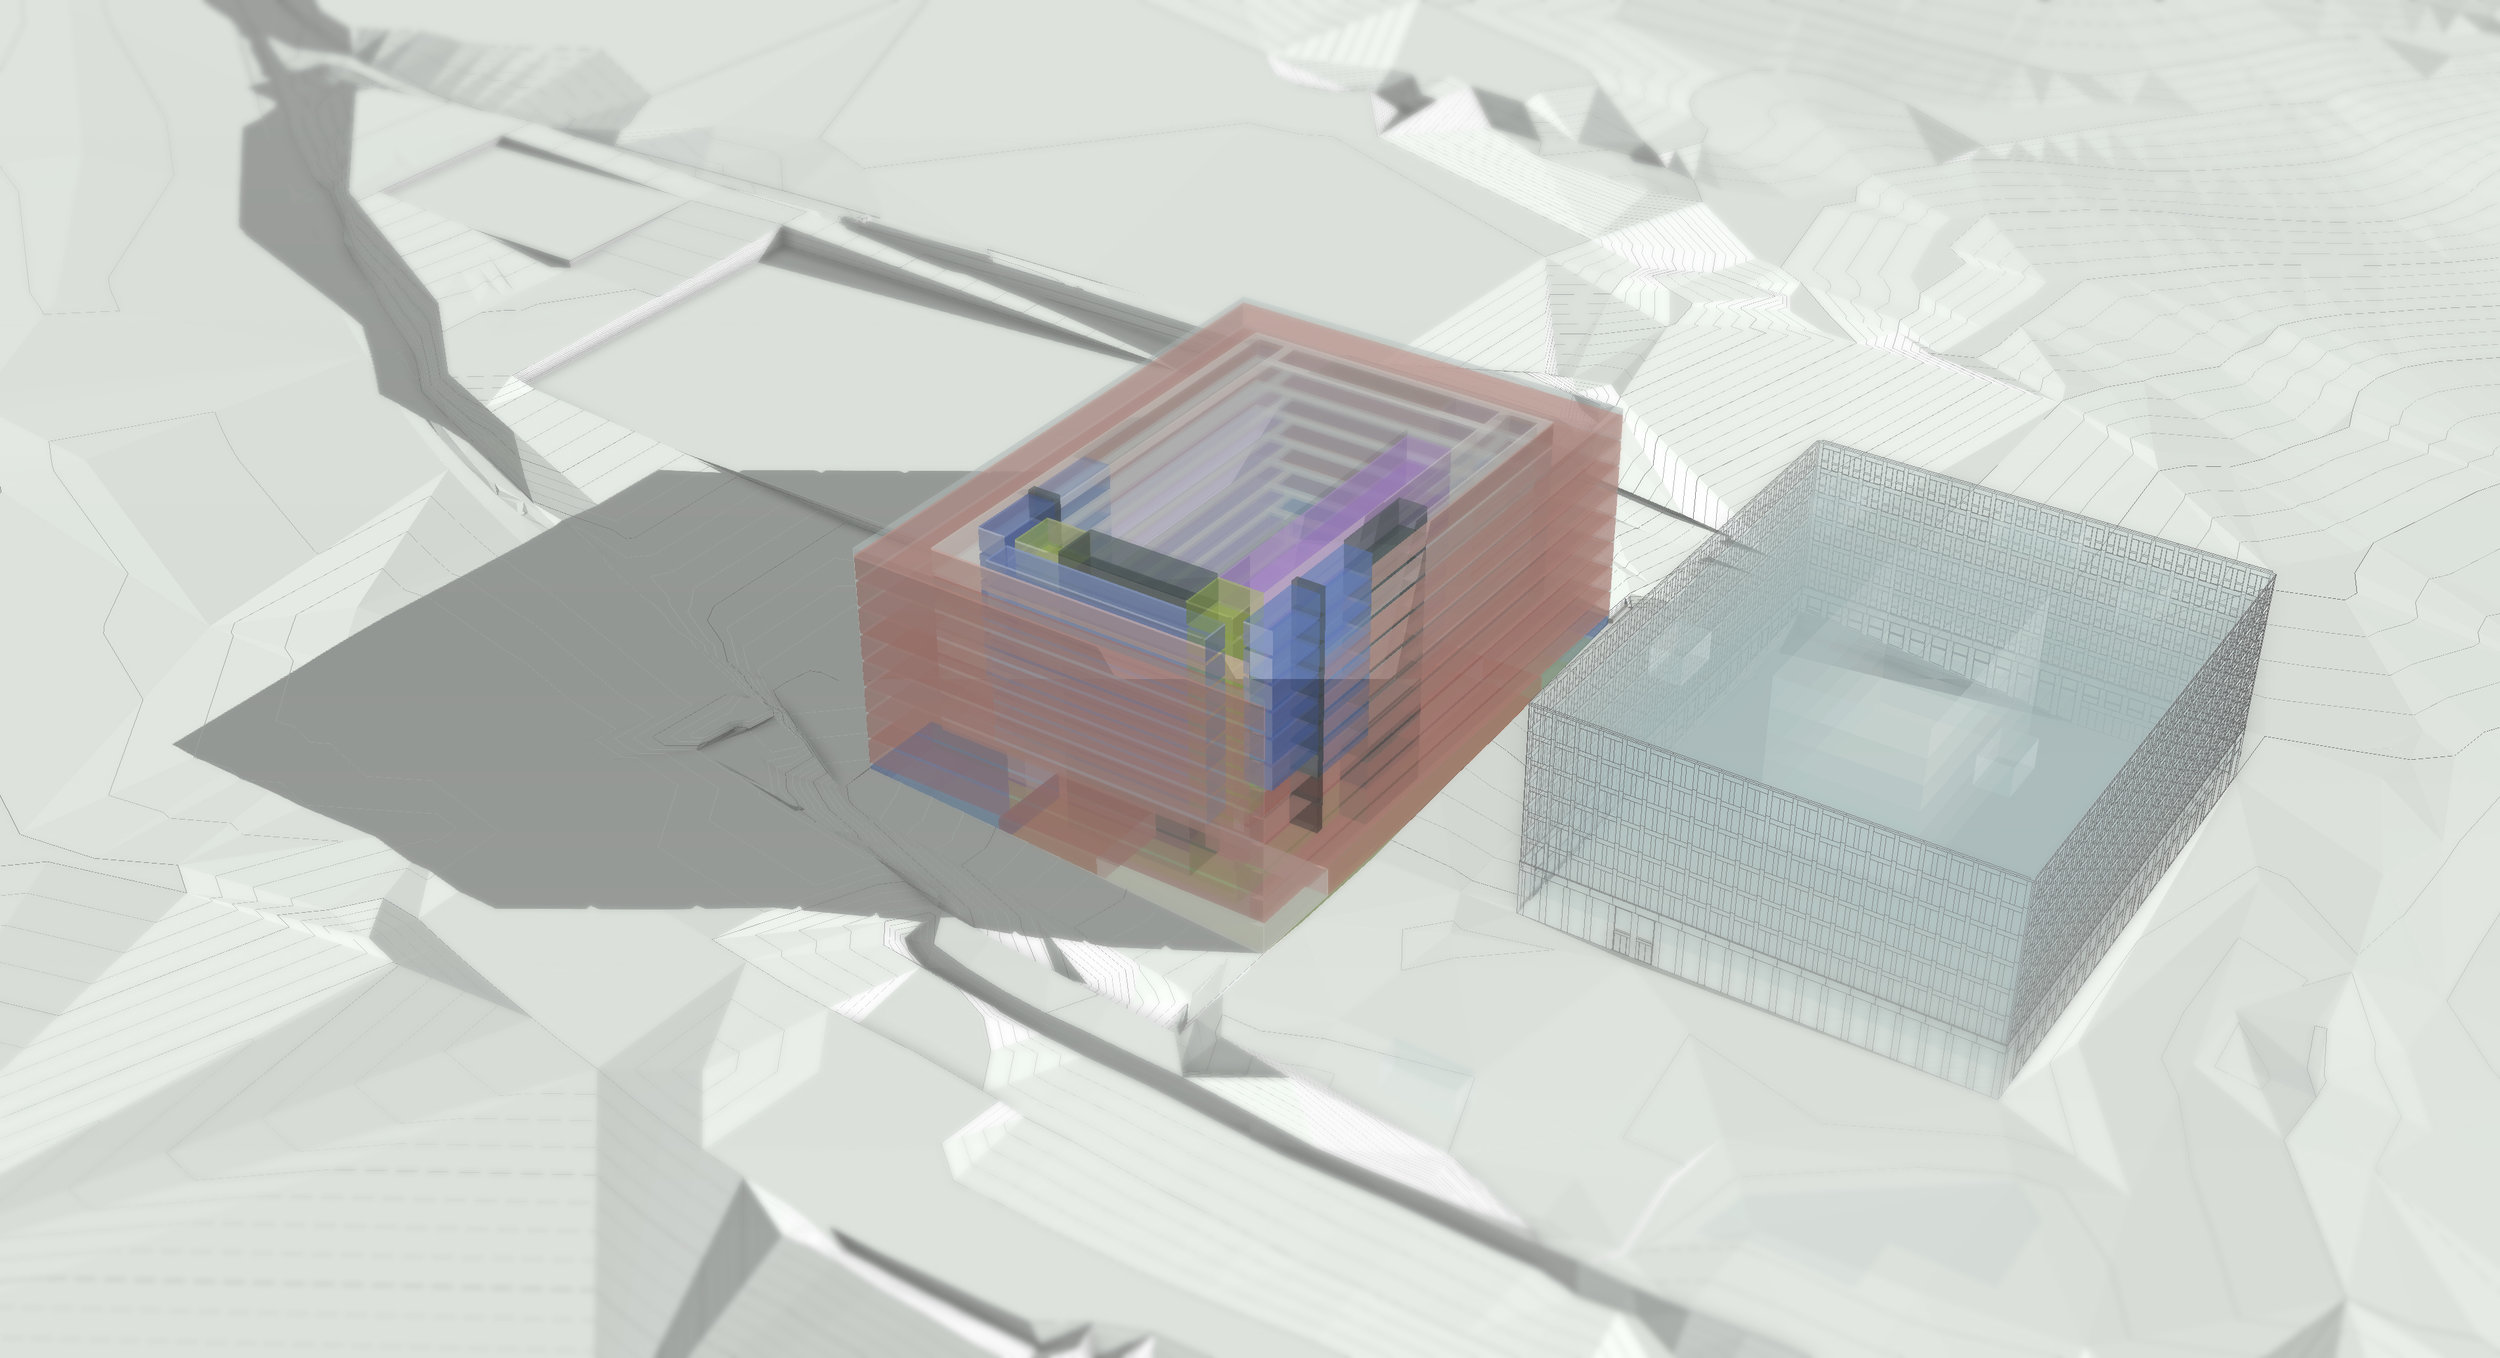 Gesamtleistungswettbewerb - Neubau für das Bundesamt für Information und Technologie - Campus Zollikofen